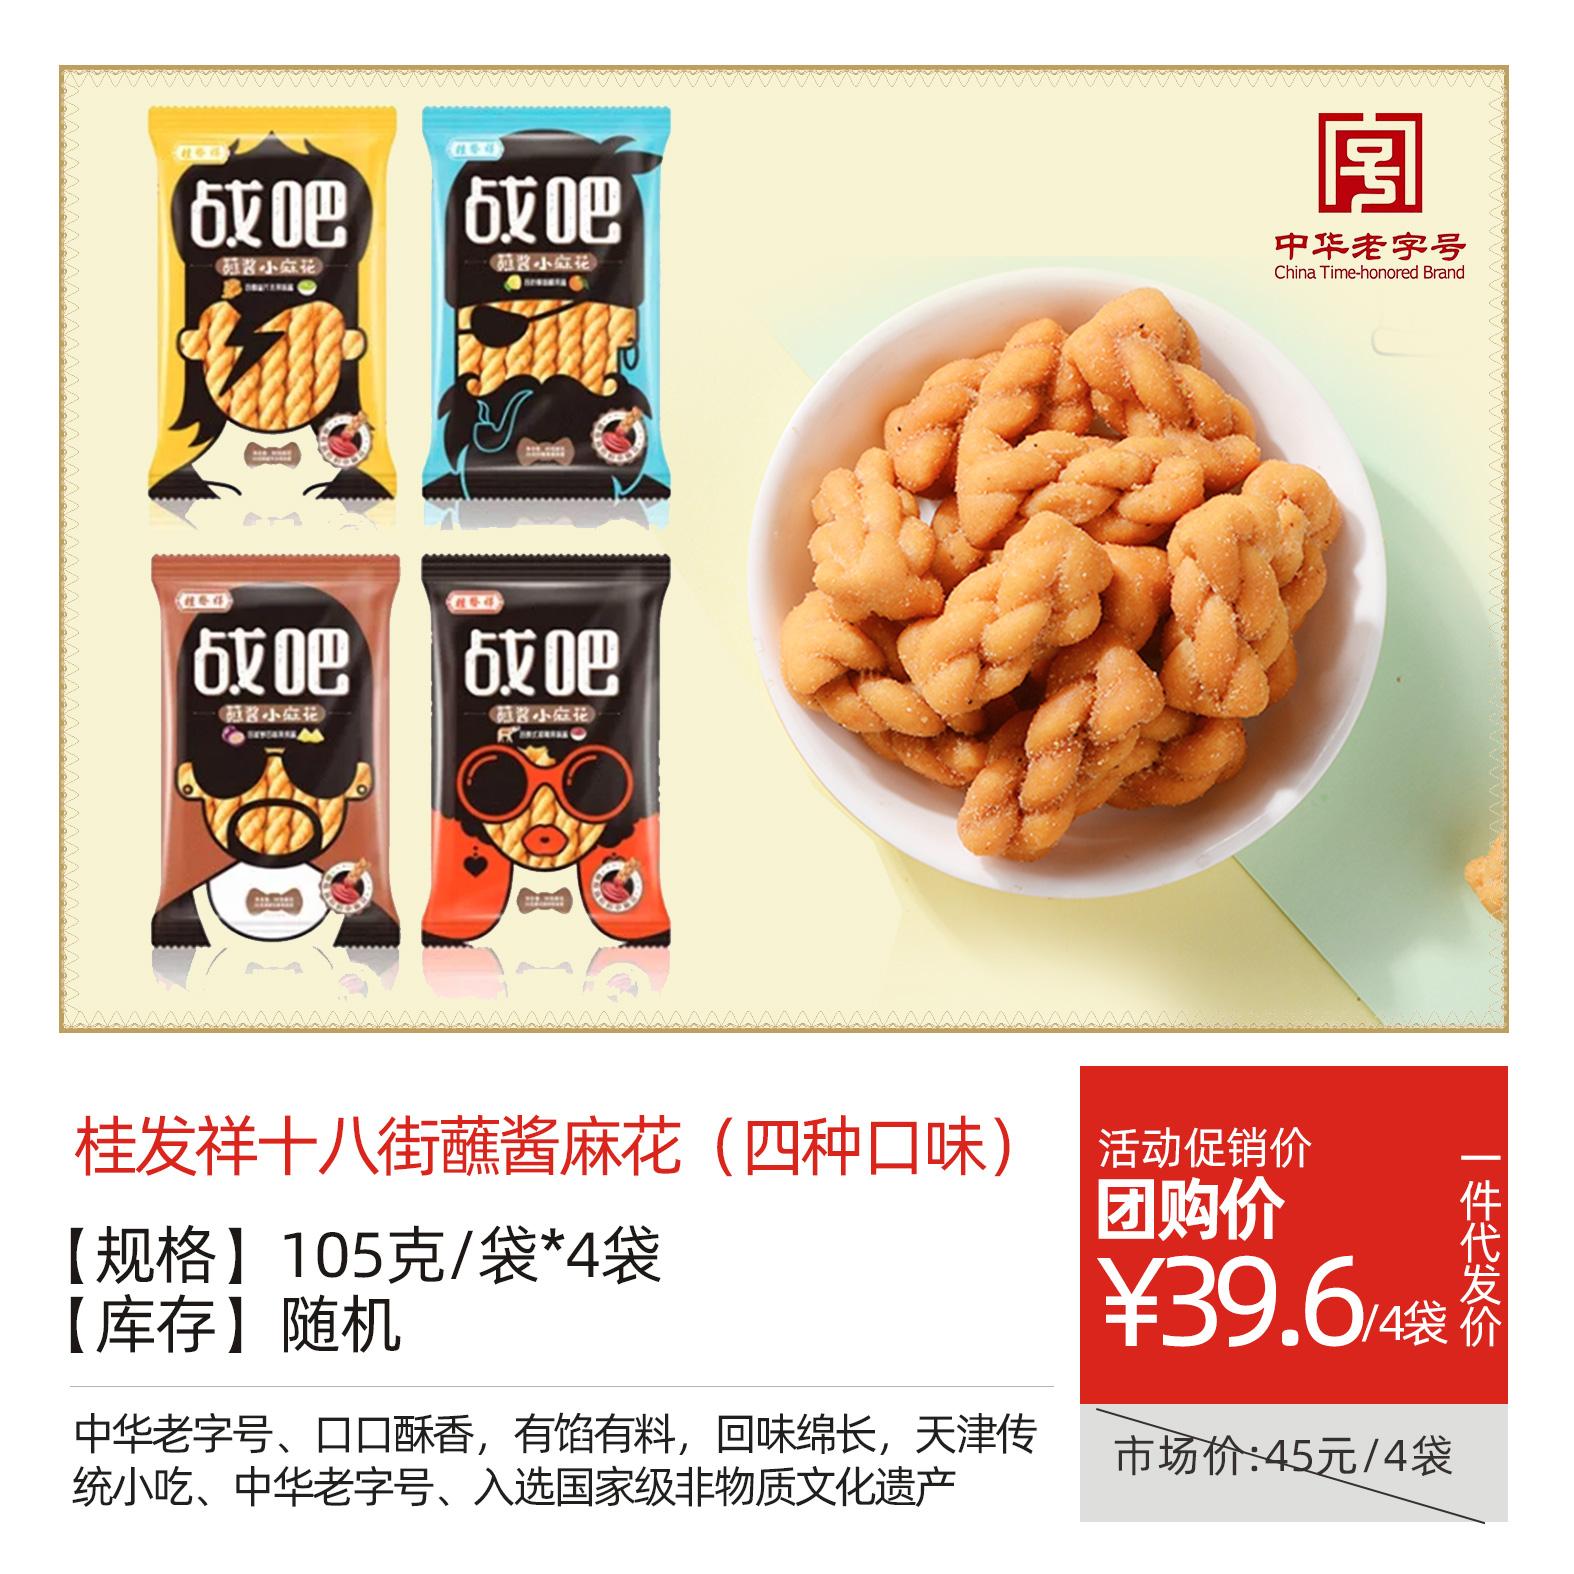 桂发祥十八街蘸酱麻花(四种口味)